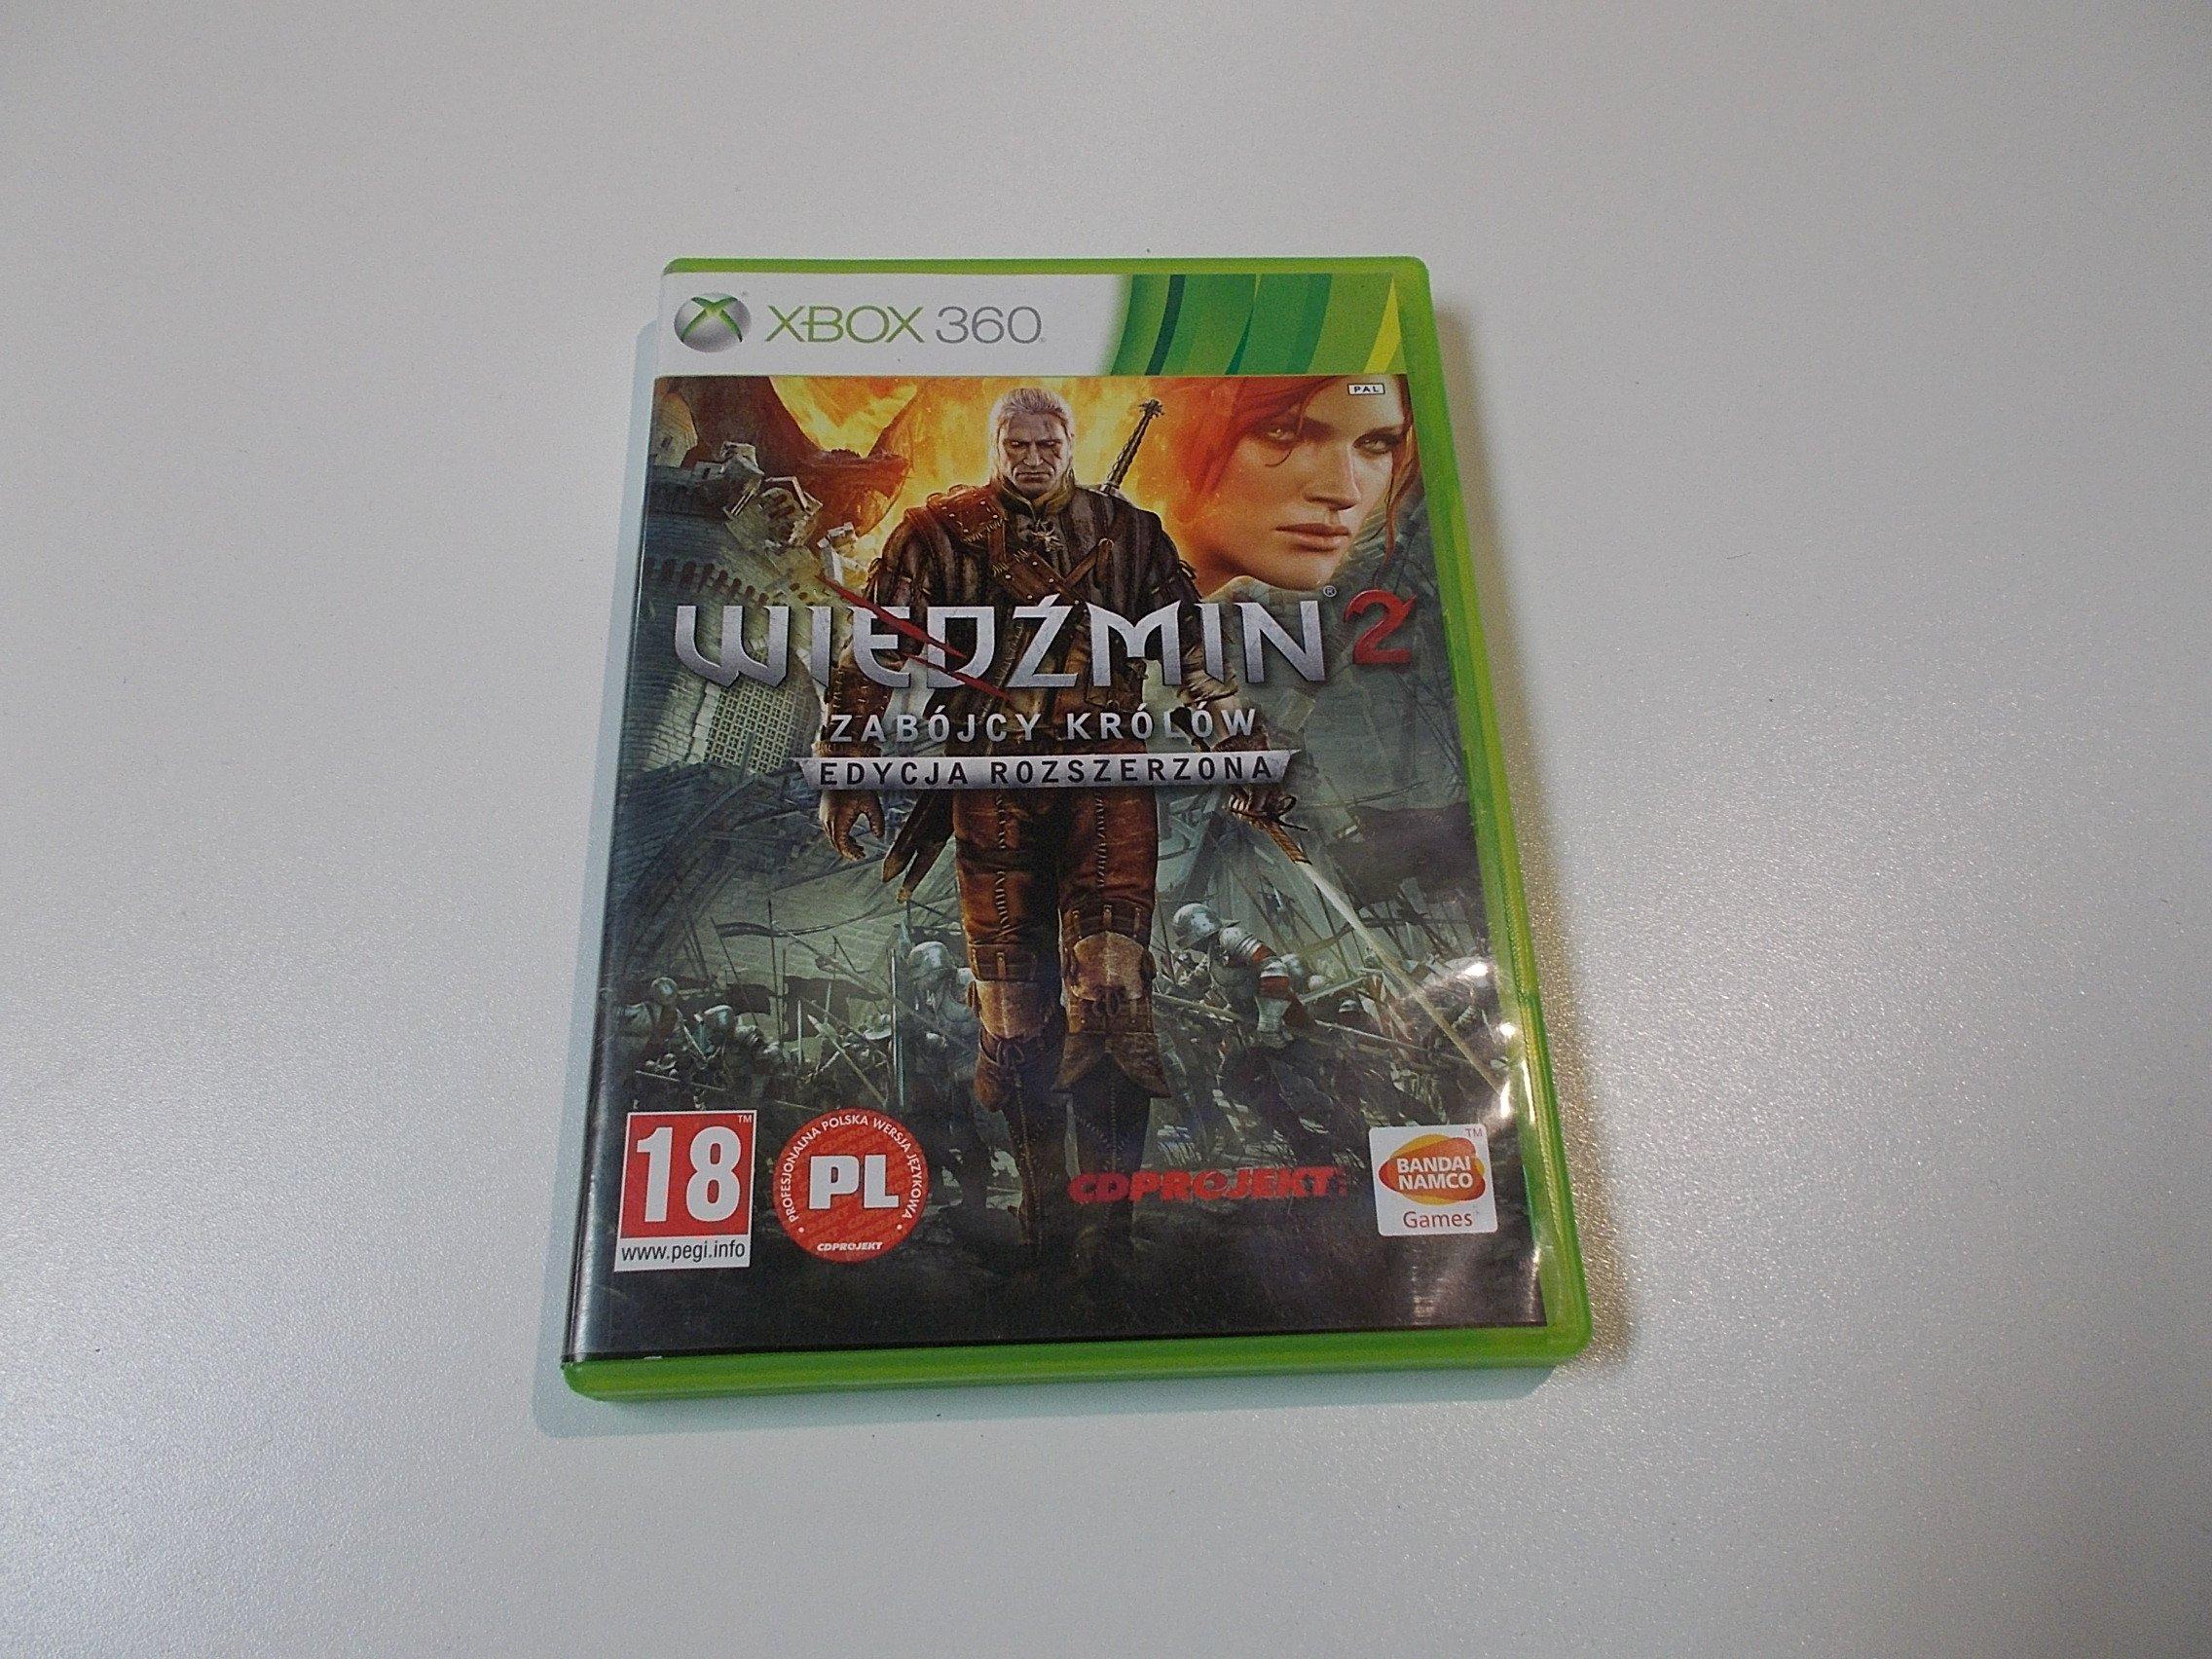 Wiedźmin 2 Zabójcy Królów - GRA Xbox 360 - Opole 0396